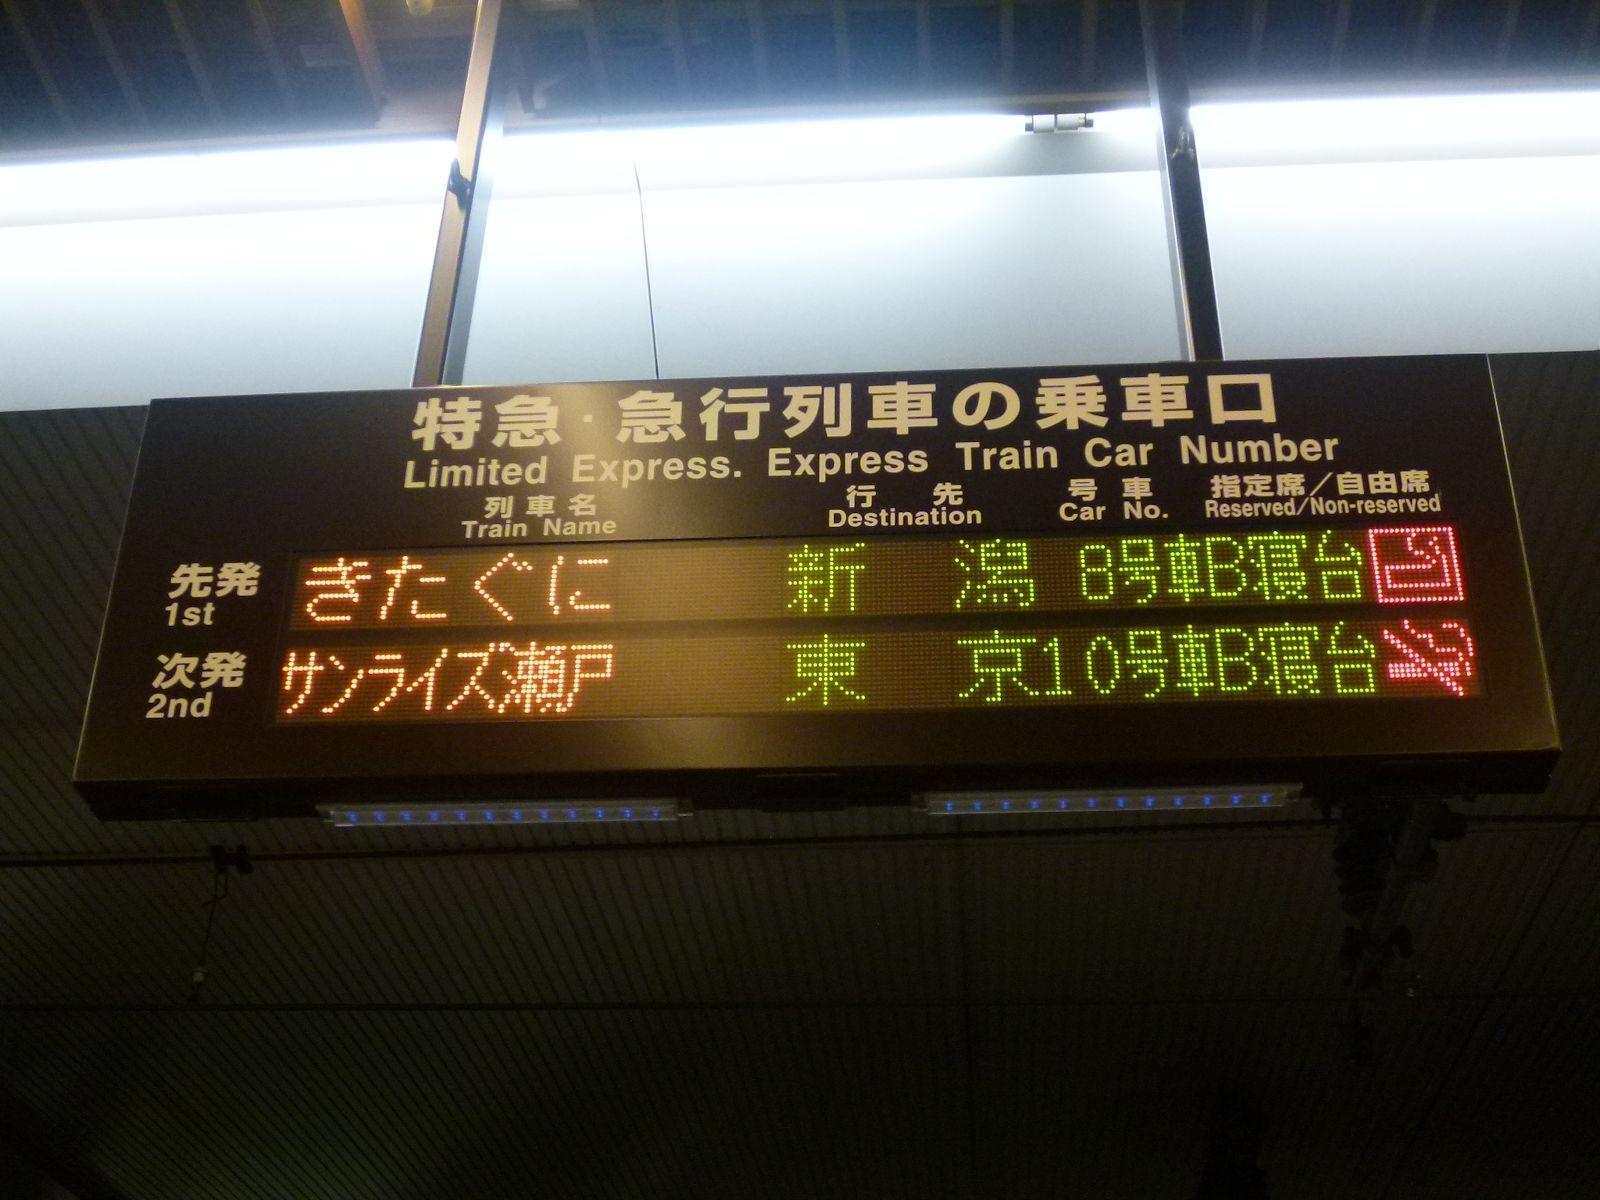 急行きたぐに号の乗車位置案内(JPG-209k)